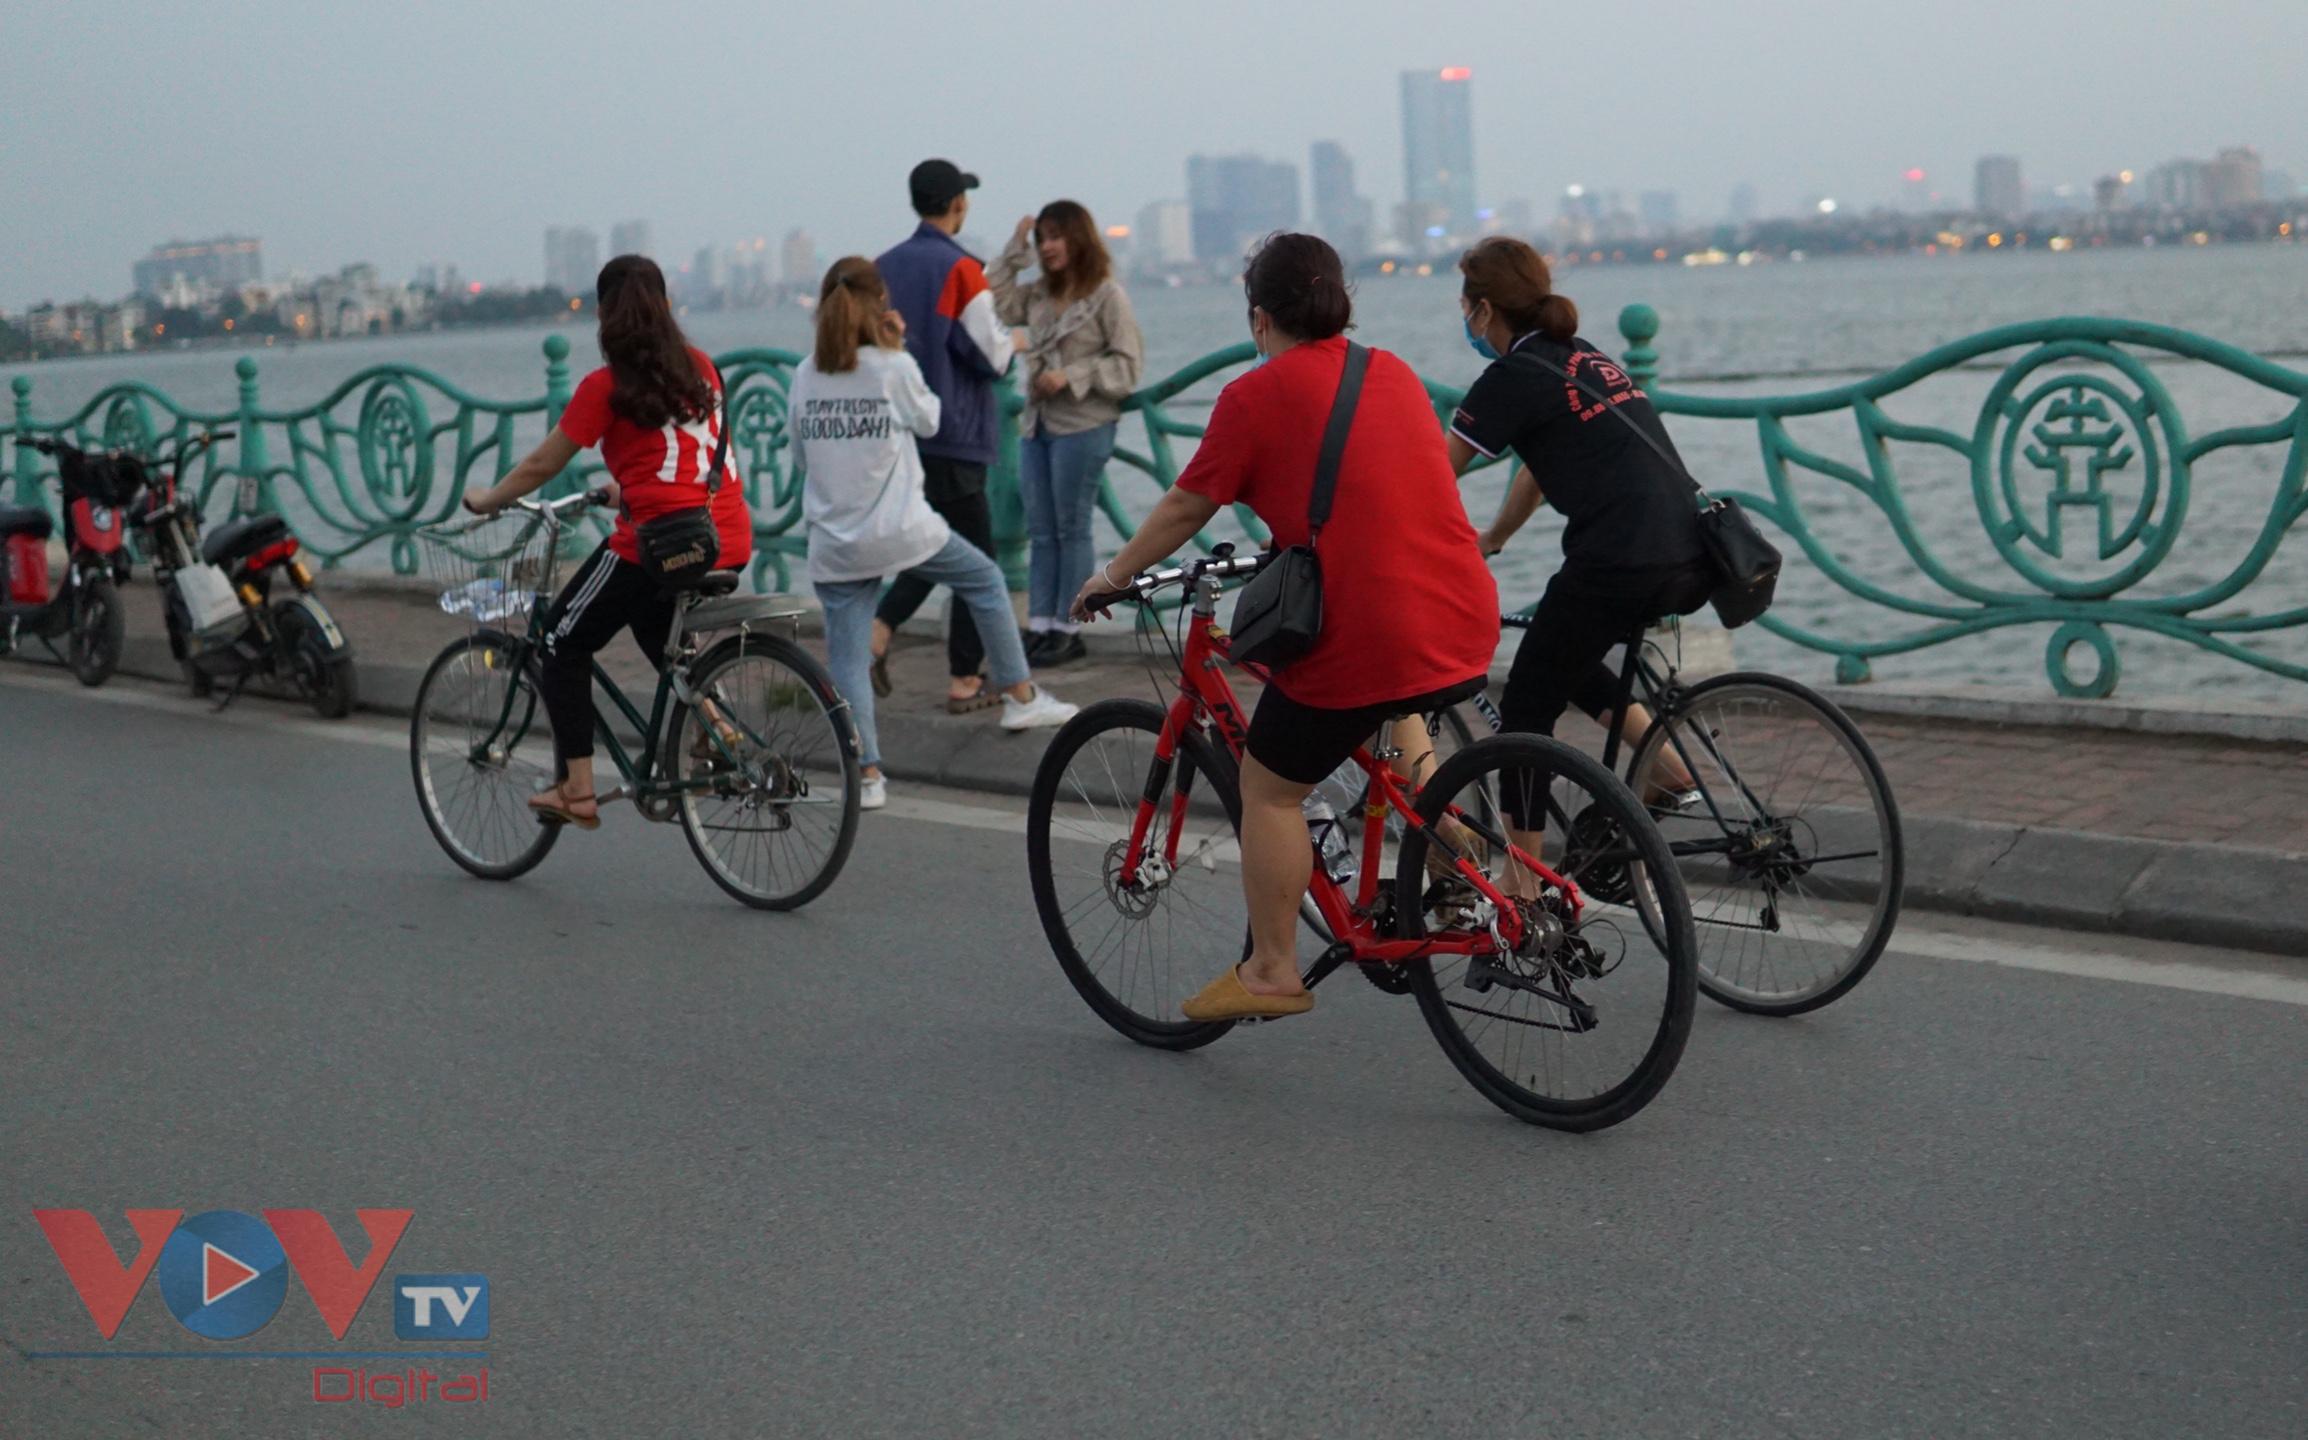 Trào lưu đạp xe hồ Tây thu hút các bạn trẻ - Ảnh 7.